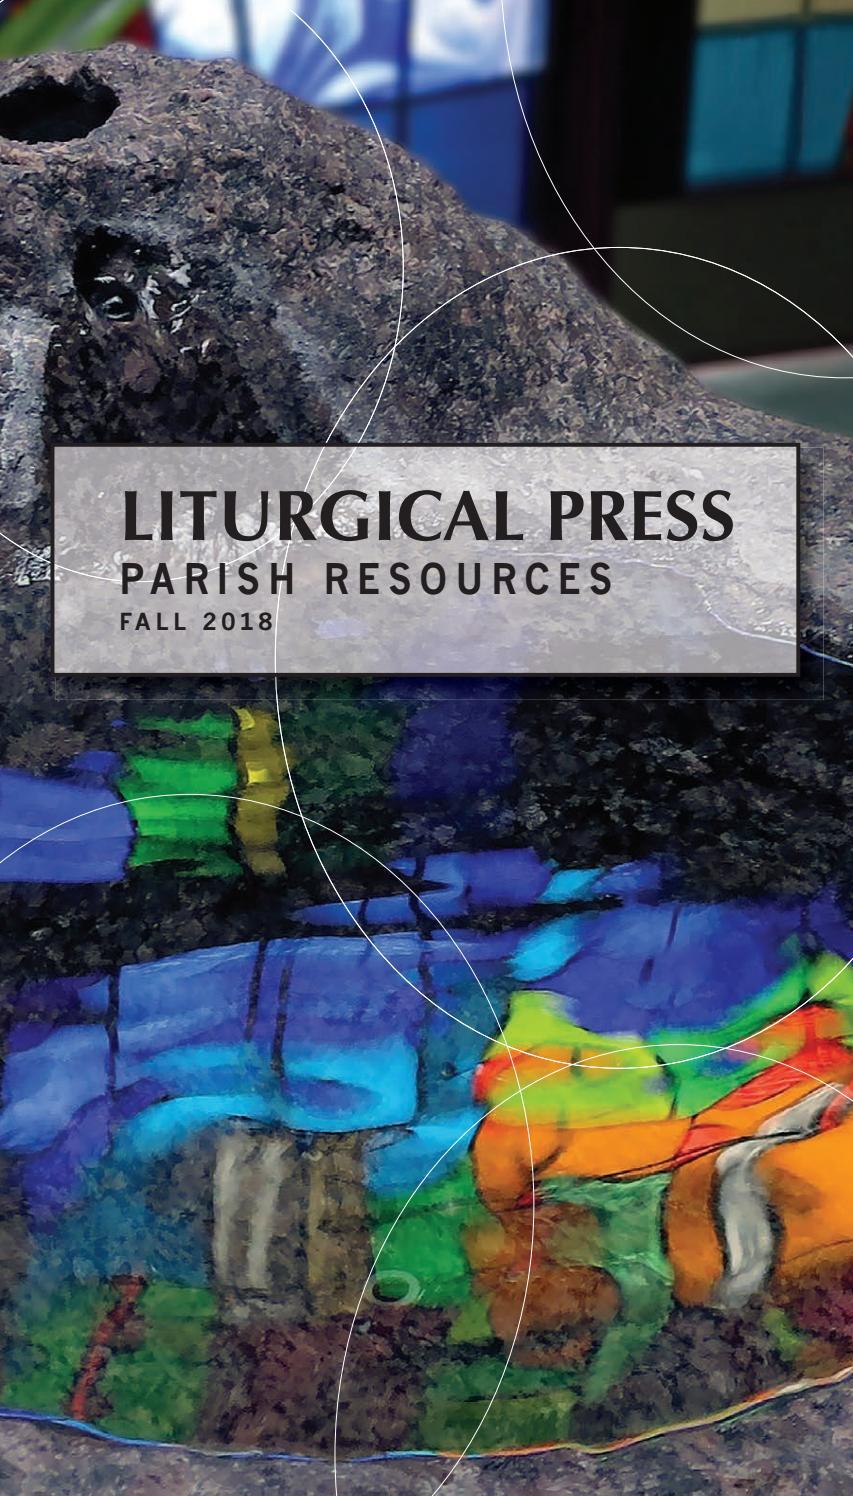 Liturgical Press Parish Resources by Liturgical Press - issuu